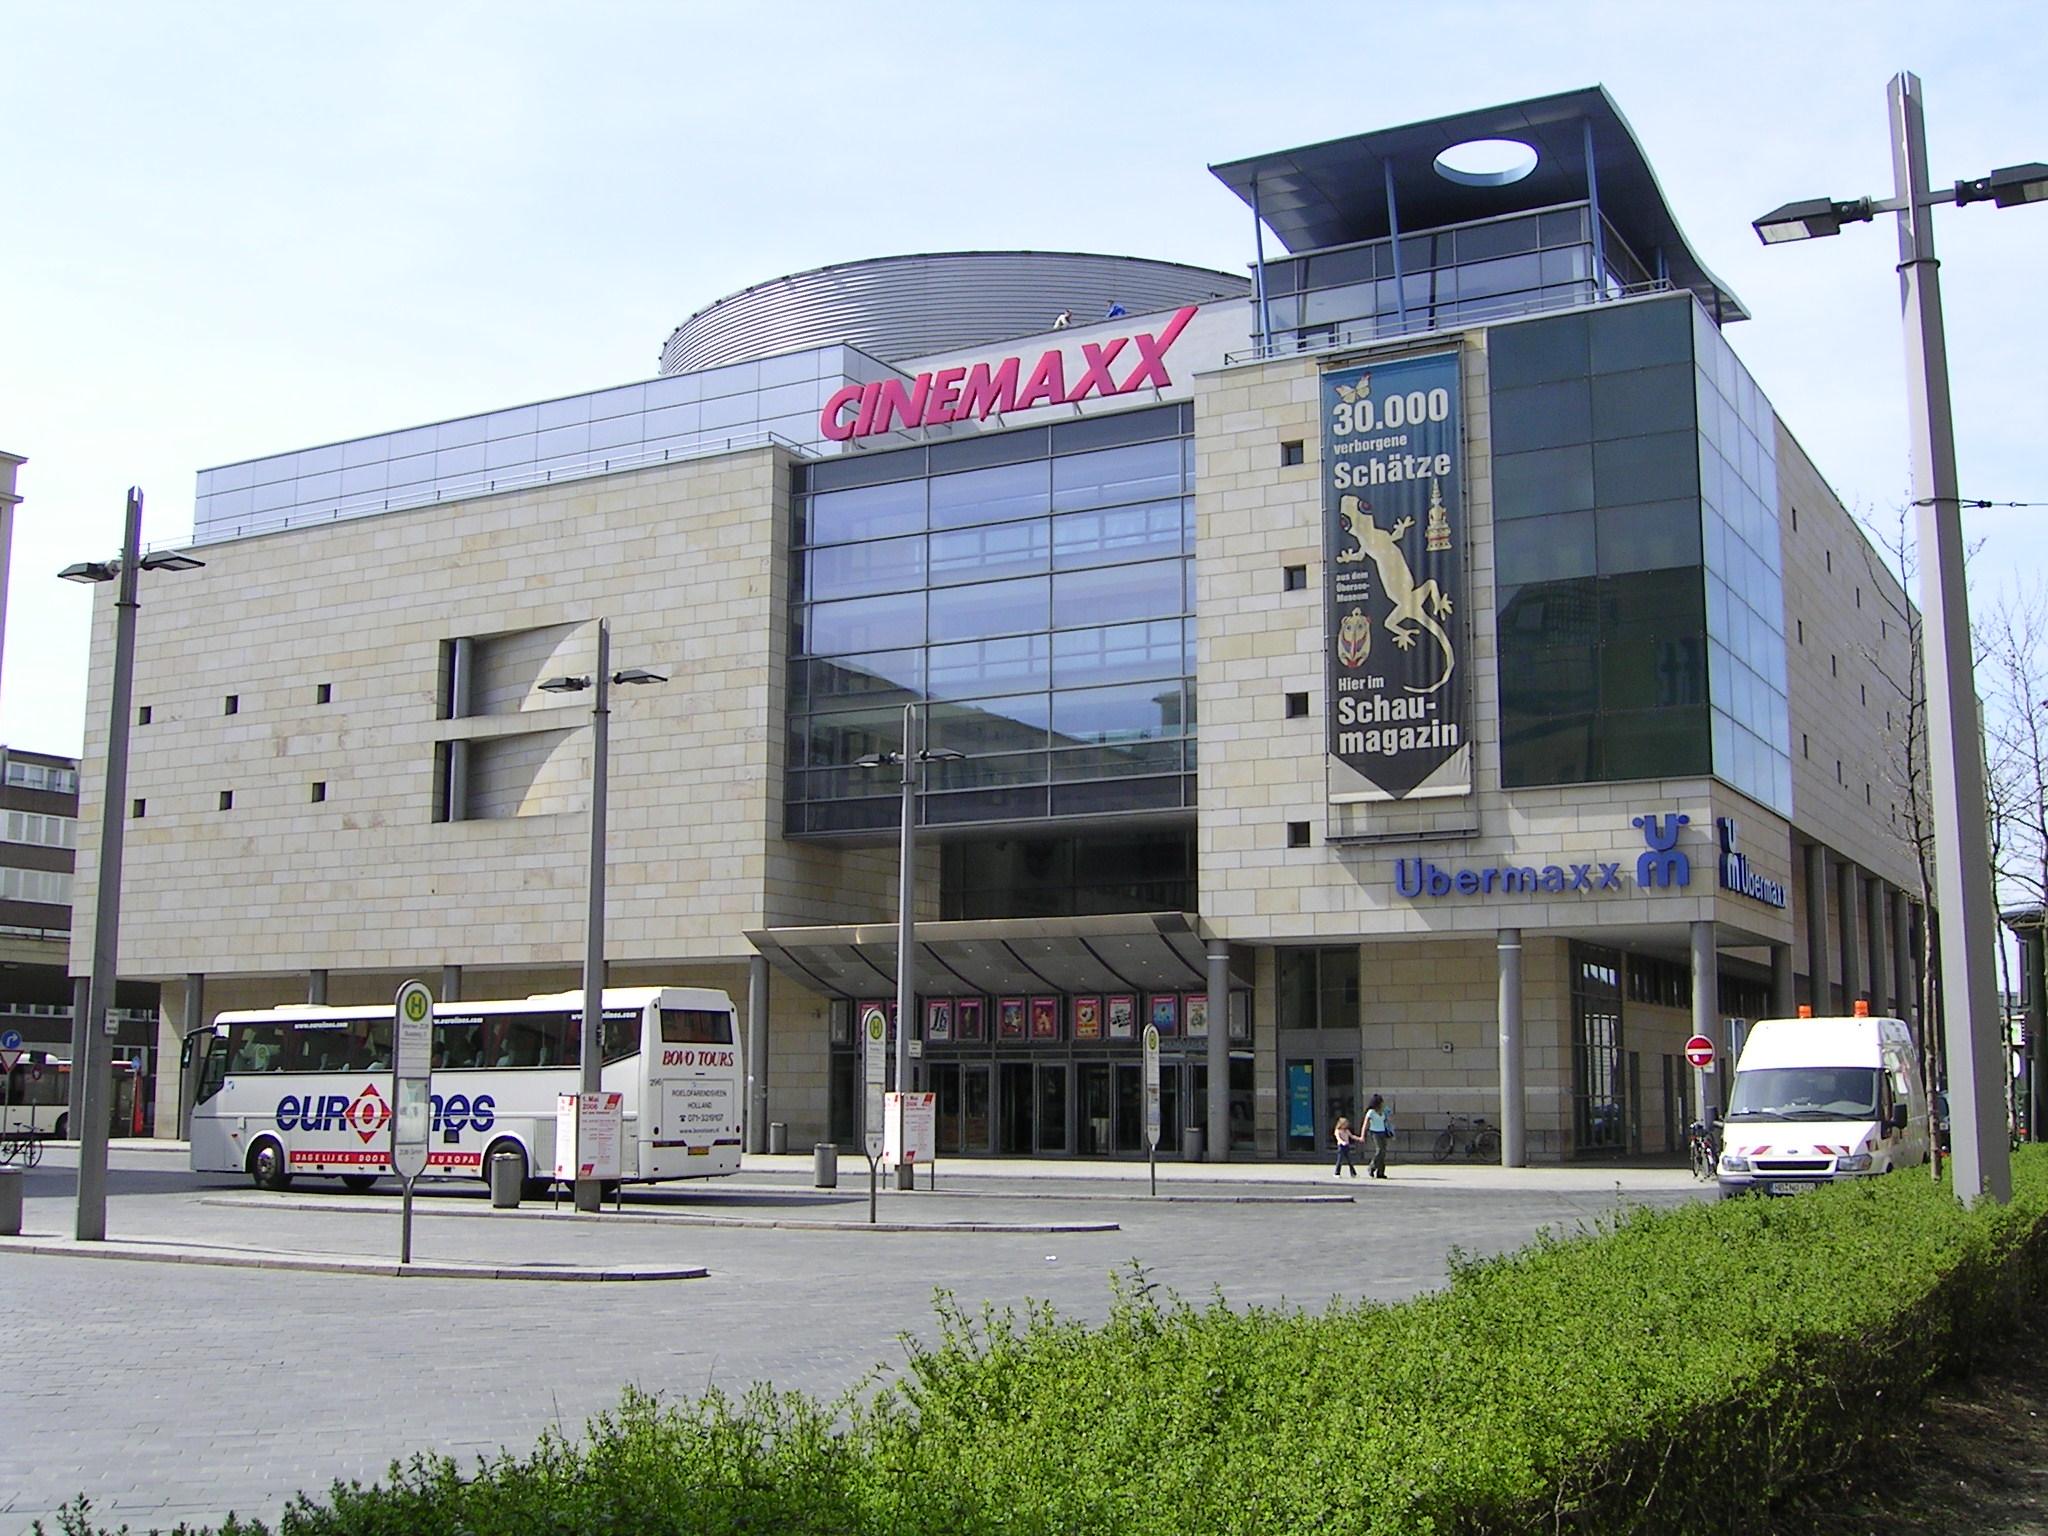 Cinemaxx Bremen Programm